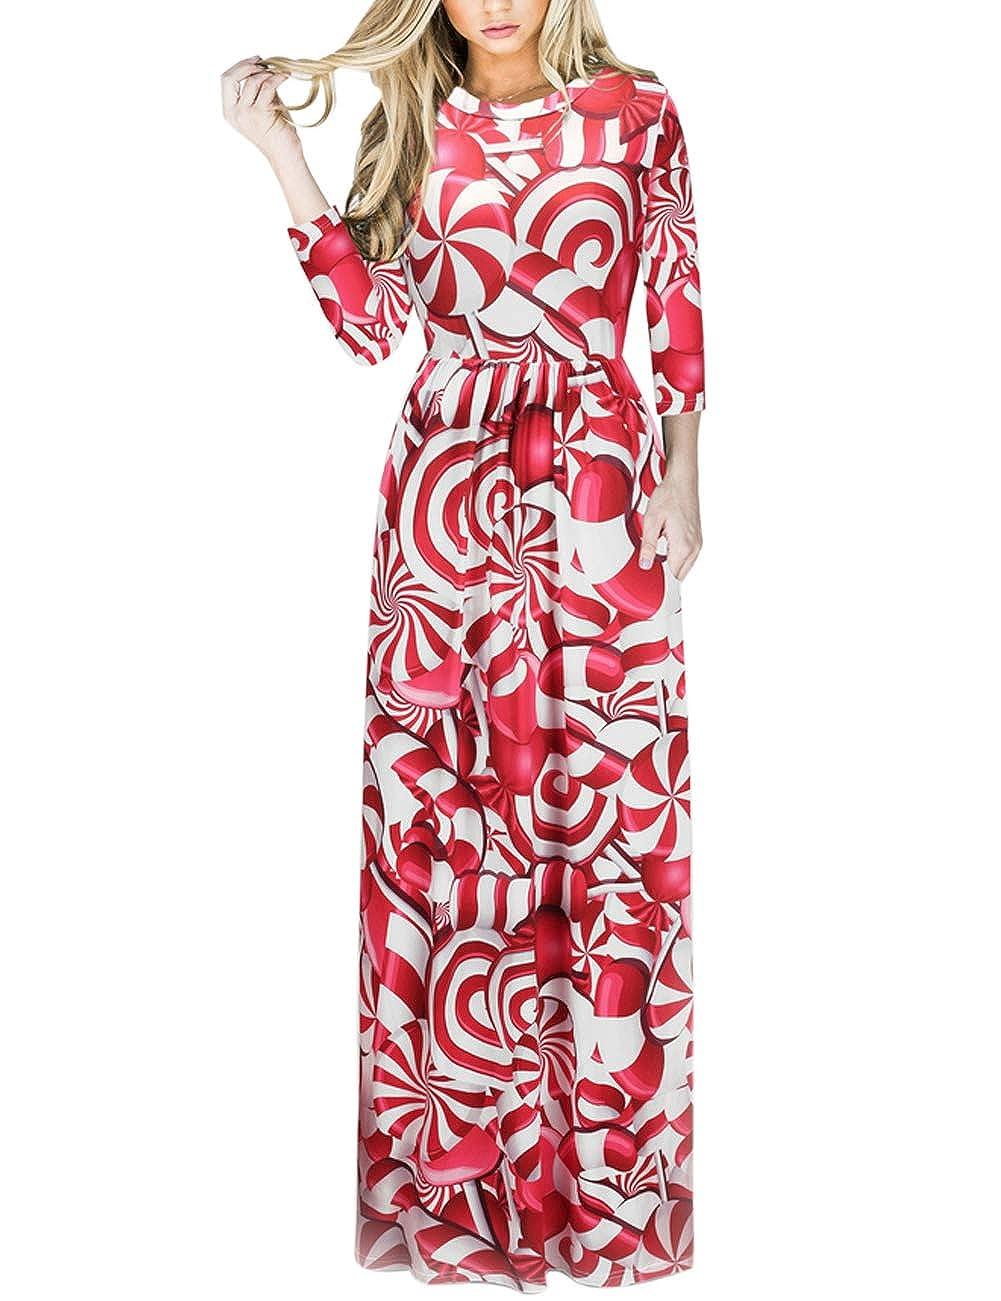 TALLA XL=ES 46-48. FeelinGirl Mujeres Vestido Largo Estampado Floral de Fiesta Navidad Falda Maxi de Manga Larga Nochebuena Rojo-54 XL=ES 46-48